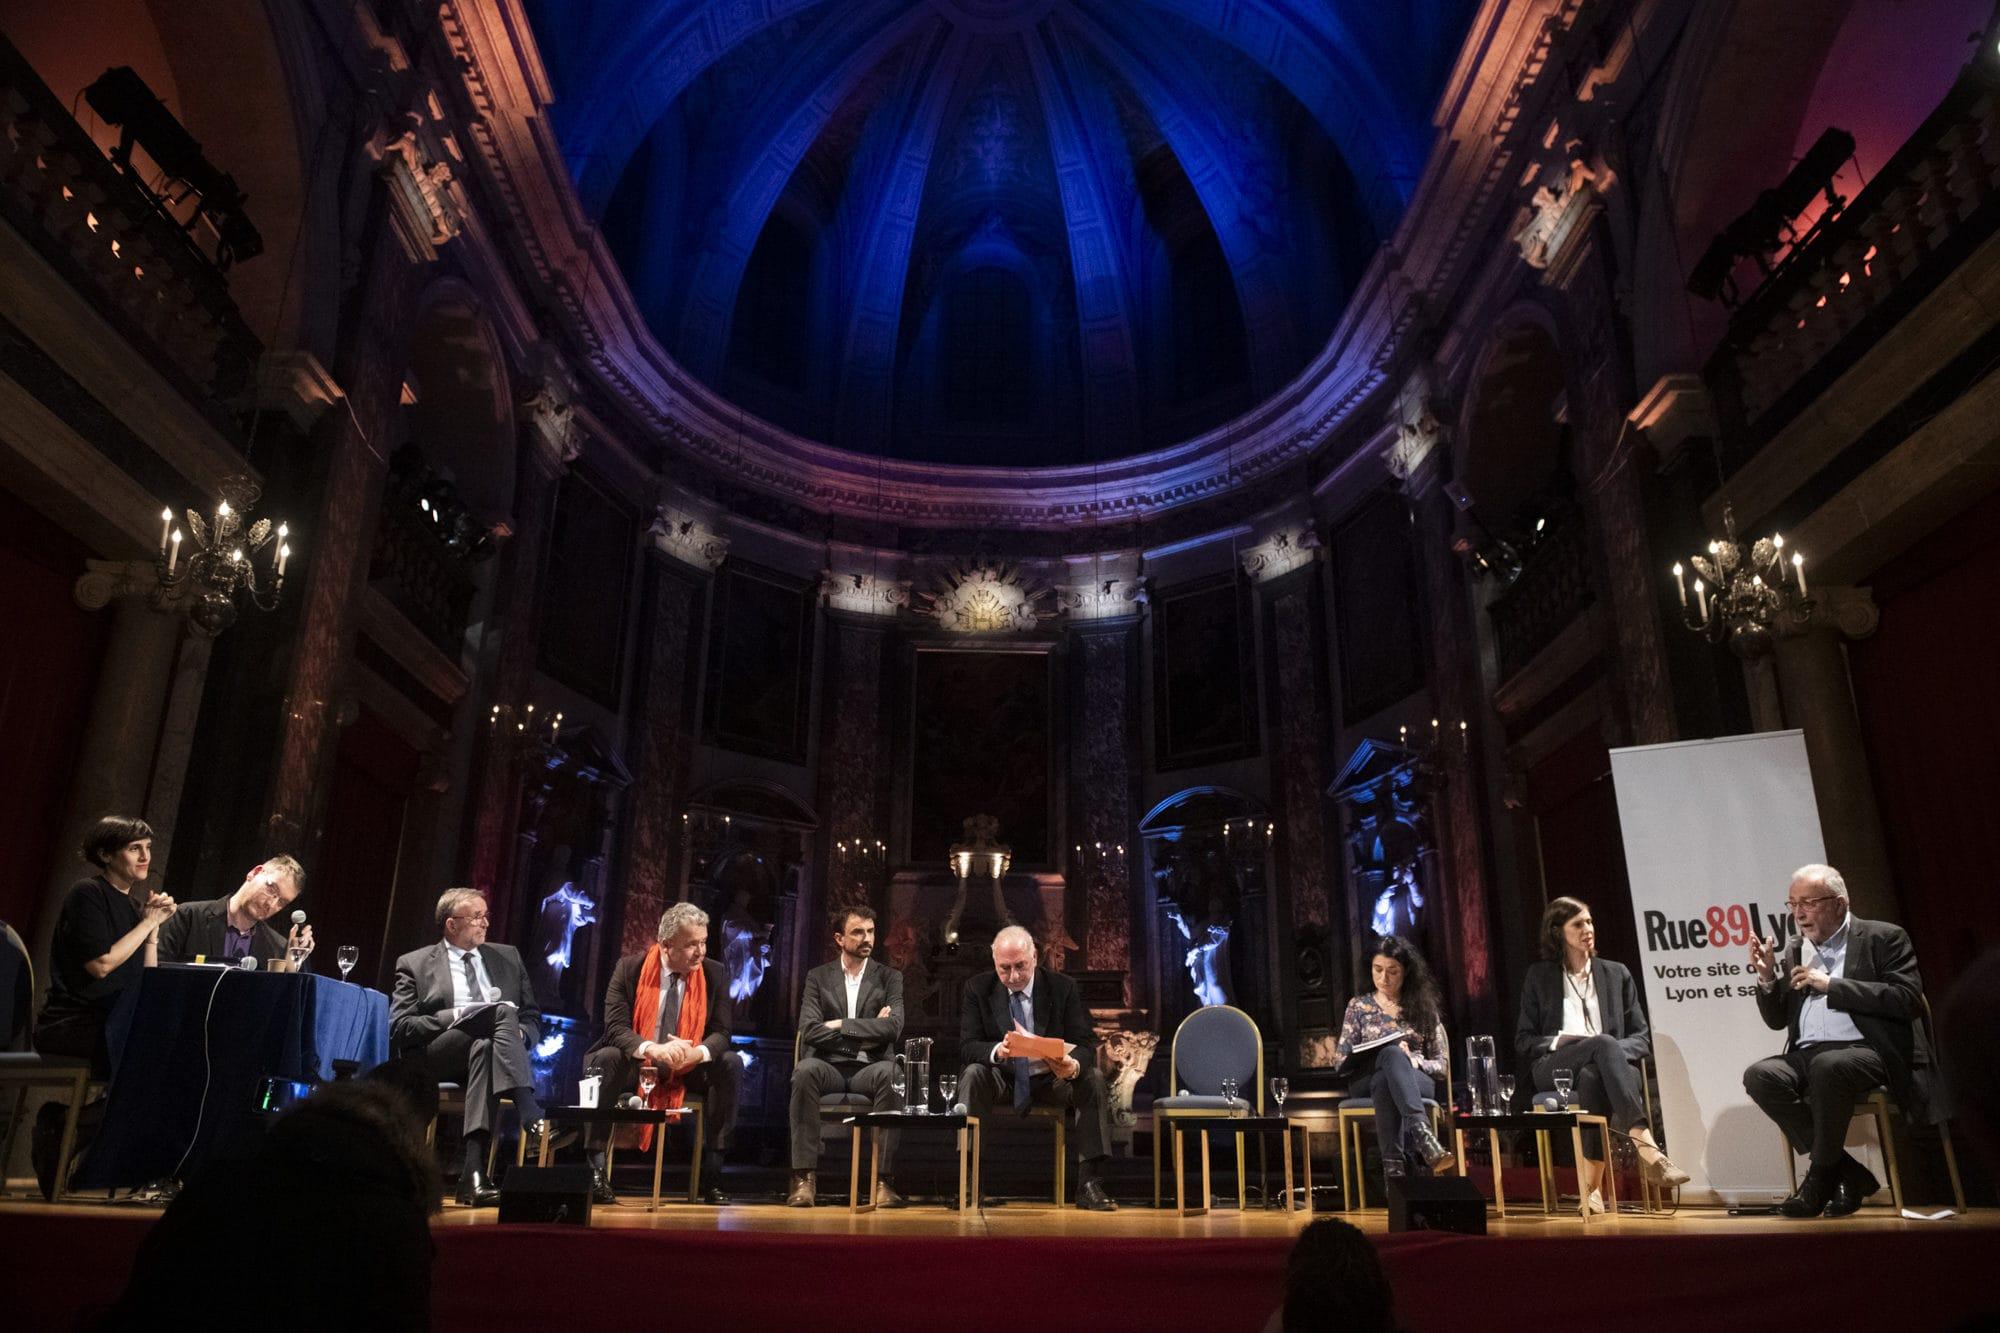 Le premier débat de cette campagne électorale organisé par Rue89Lyon et Le Petit Bulletin. ©Houcine Haddouche